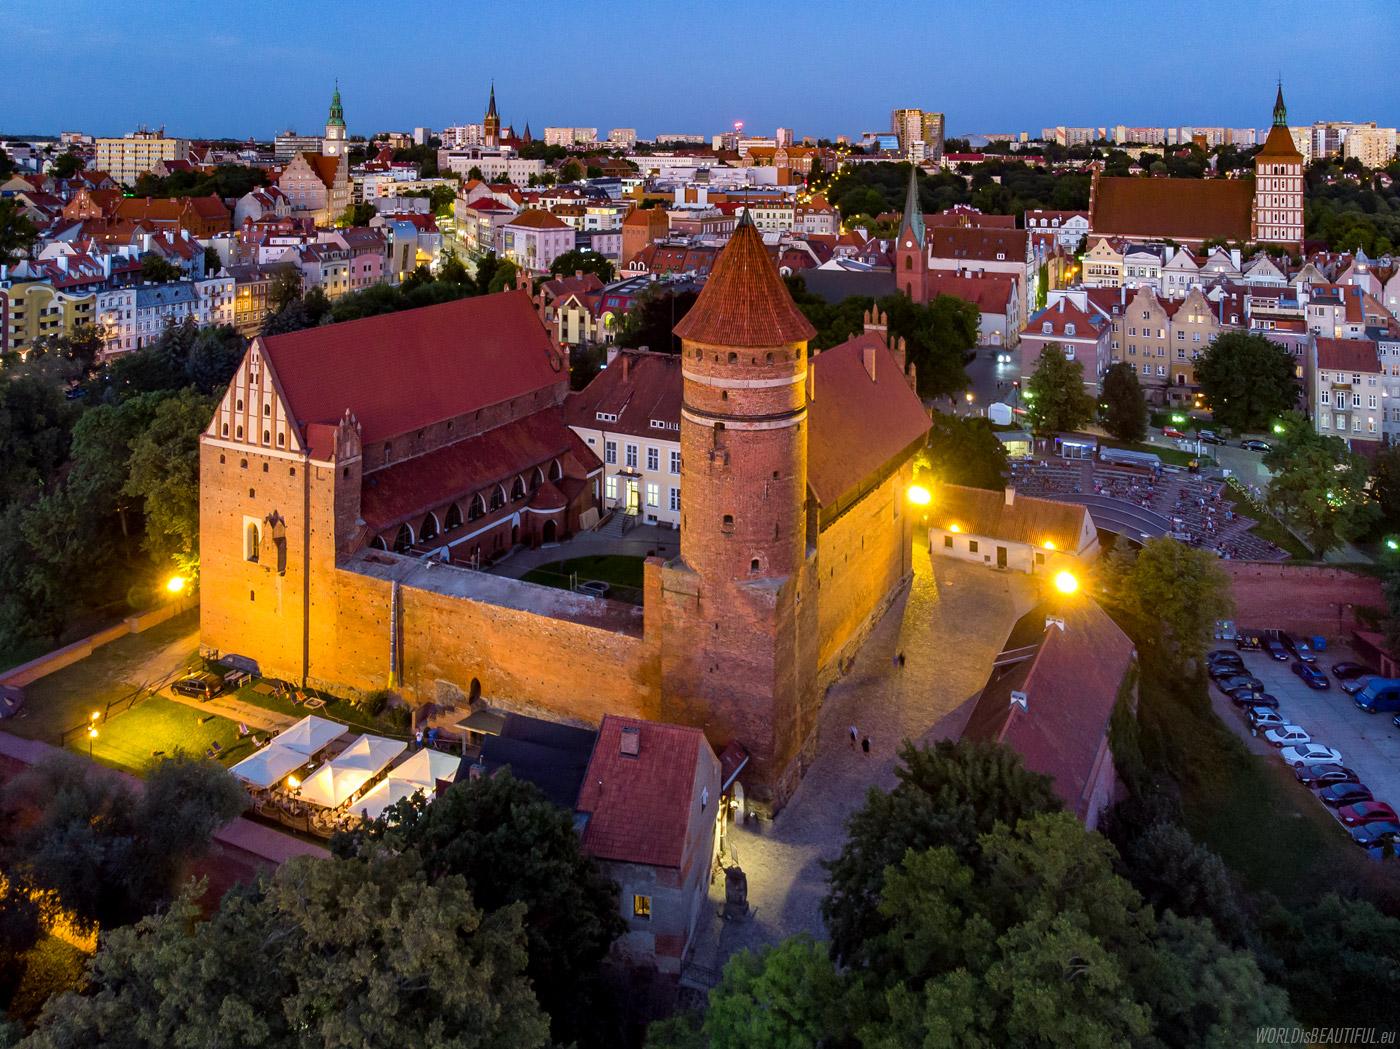 The Olsztyn castle